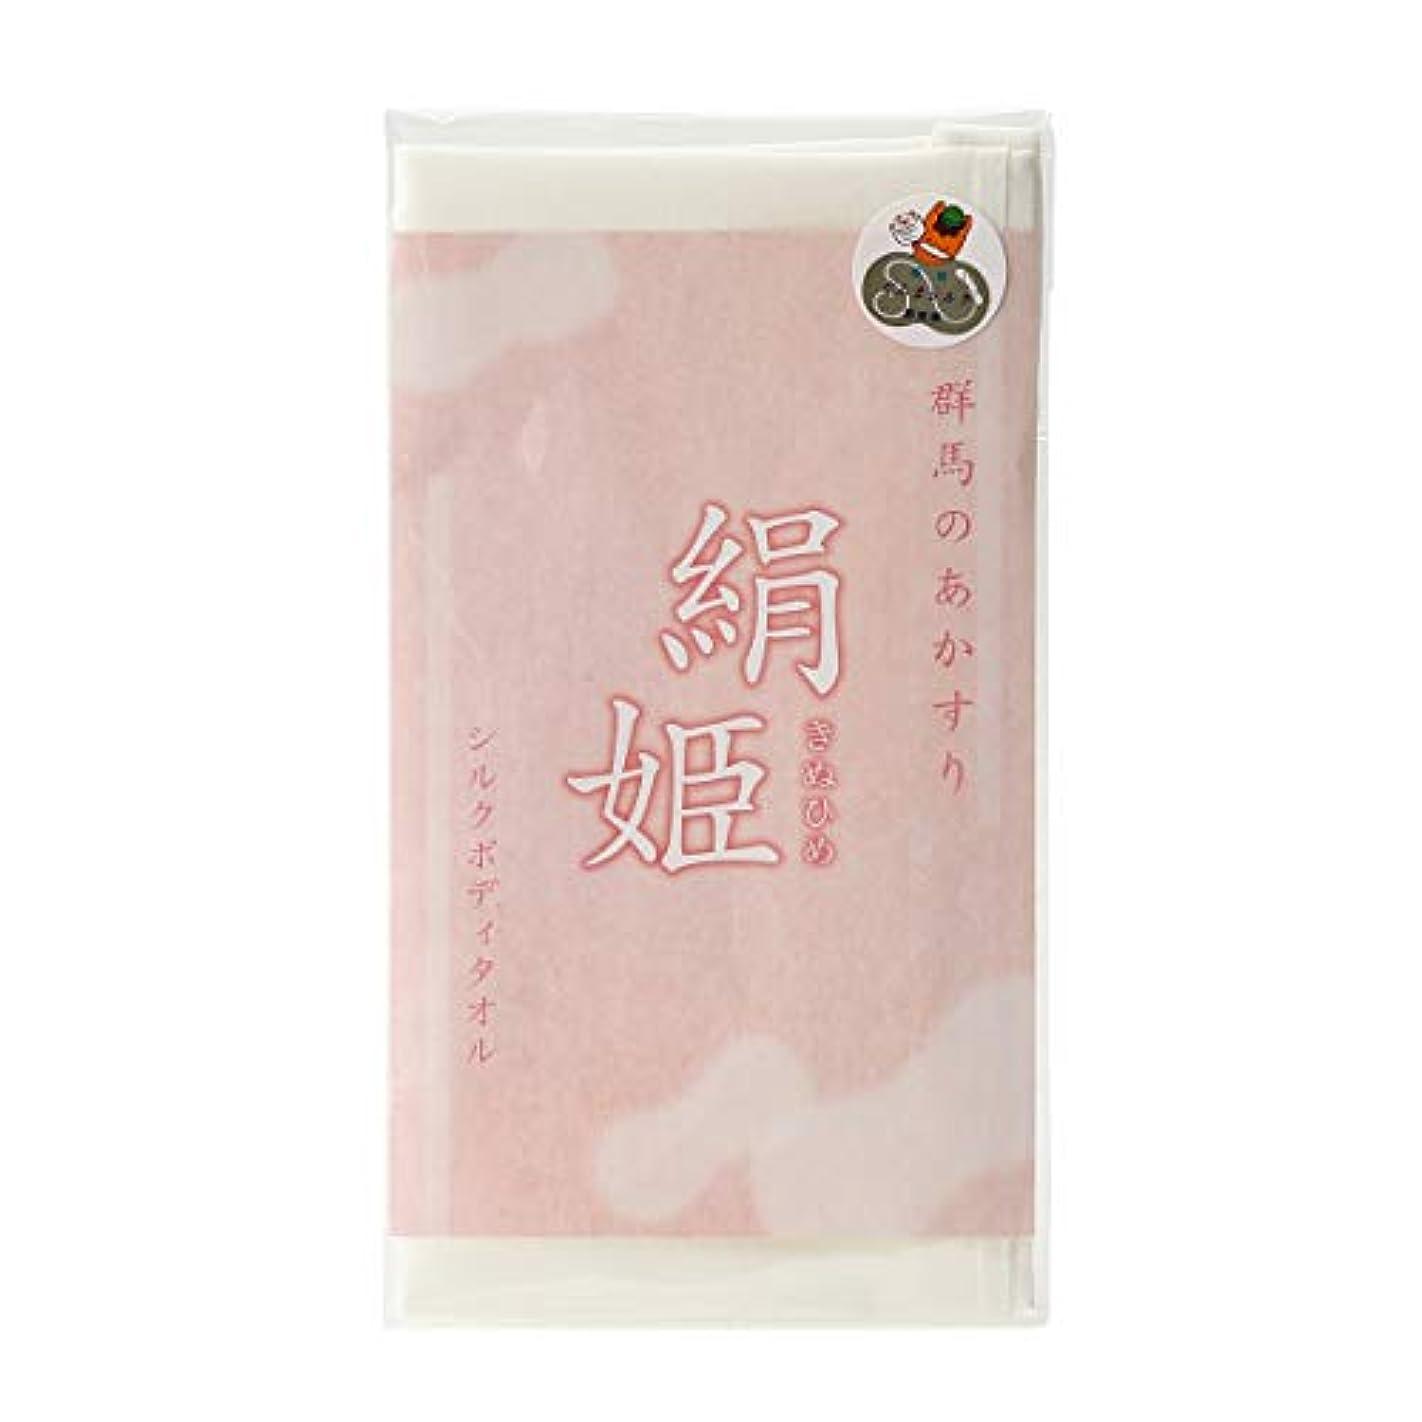 [ハッピーシルク ] 絹姫 (きぬひめ) 【訳あり】【アウトレット】ボディータオル シルクあかすり